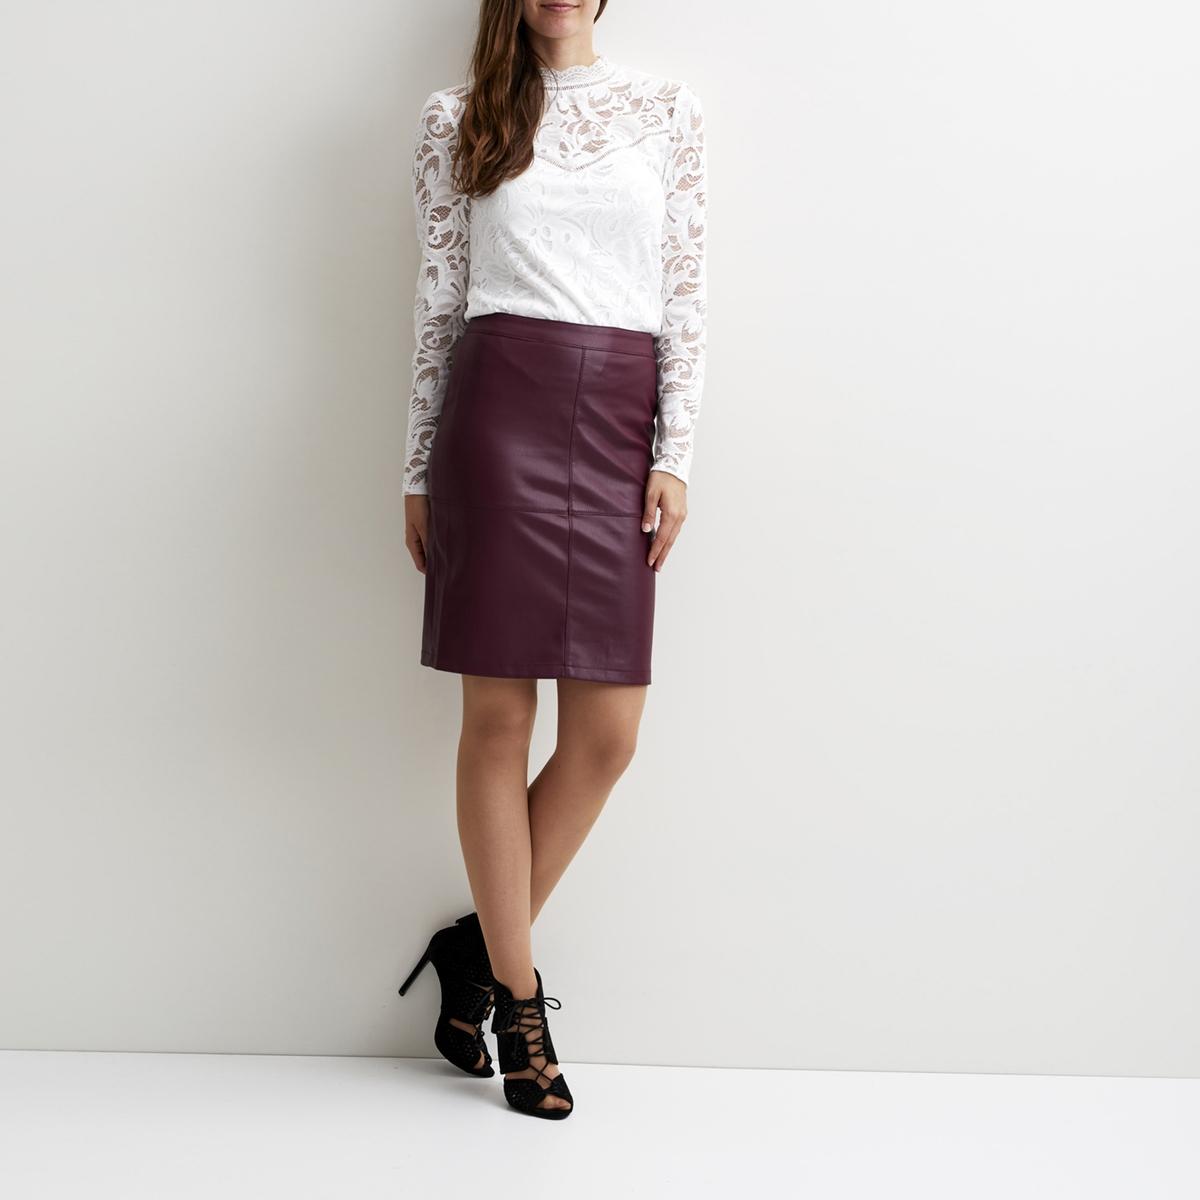 Юбка-карандаш с разрезом, VILA, Vipen SkirtЮбка-карандаш на молнии, модель Vipen Skirt от VILA. Имитация кожи и видимая прострочка. . Разрез сзади. Застежка на молнию сзади.Состав и описаниеМатериал : 100% полиуретанМарка : VILA.УходМашинная стирка при 30° с одеждой такого же цвета.<br><br>Цвет: каштановый,фиолетовый<br>Размер: S